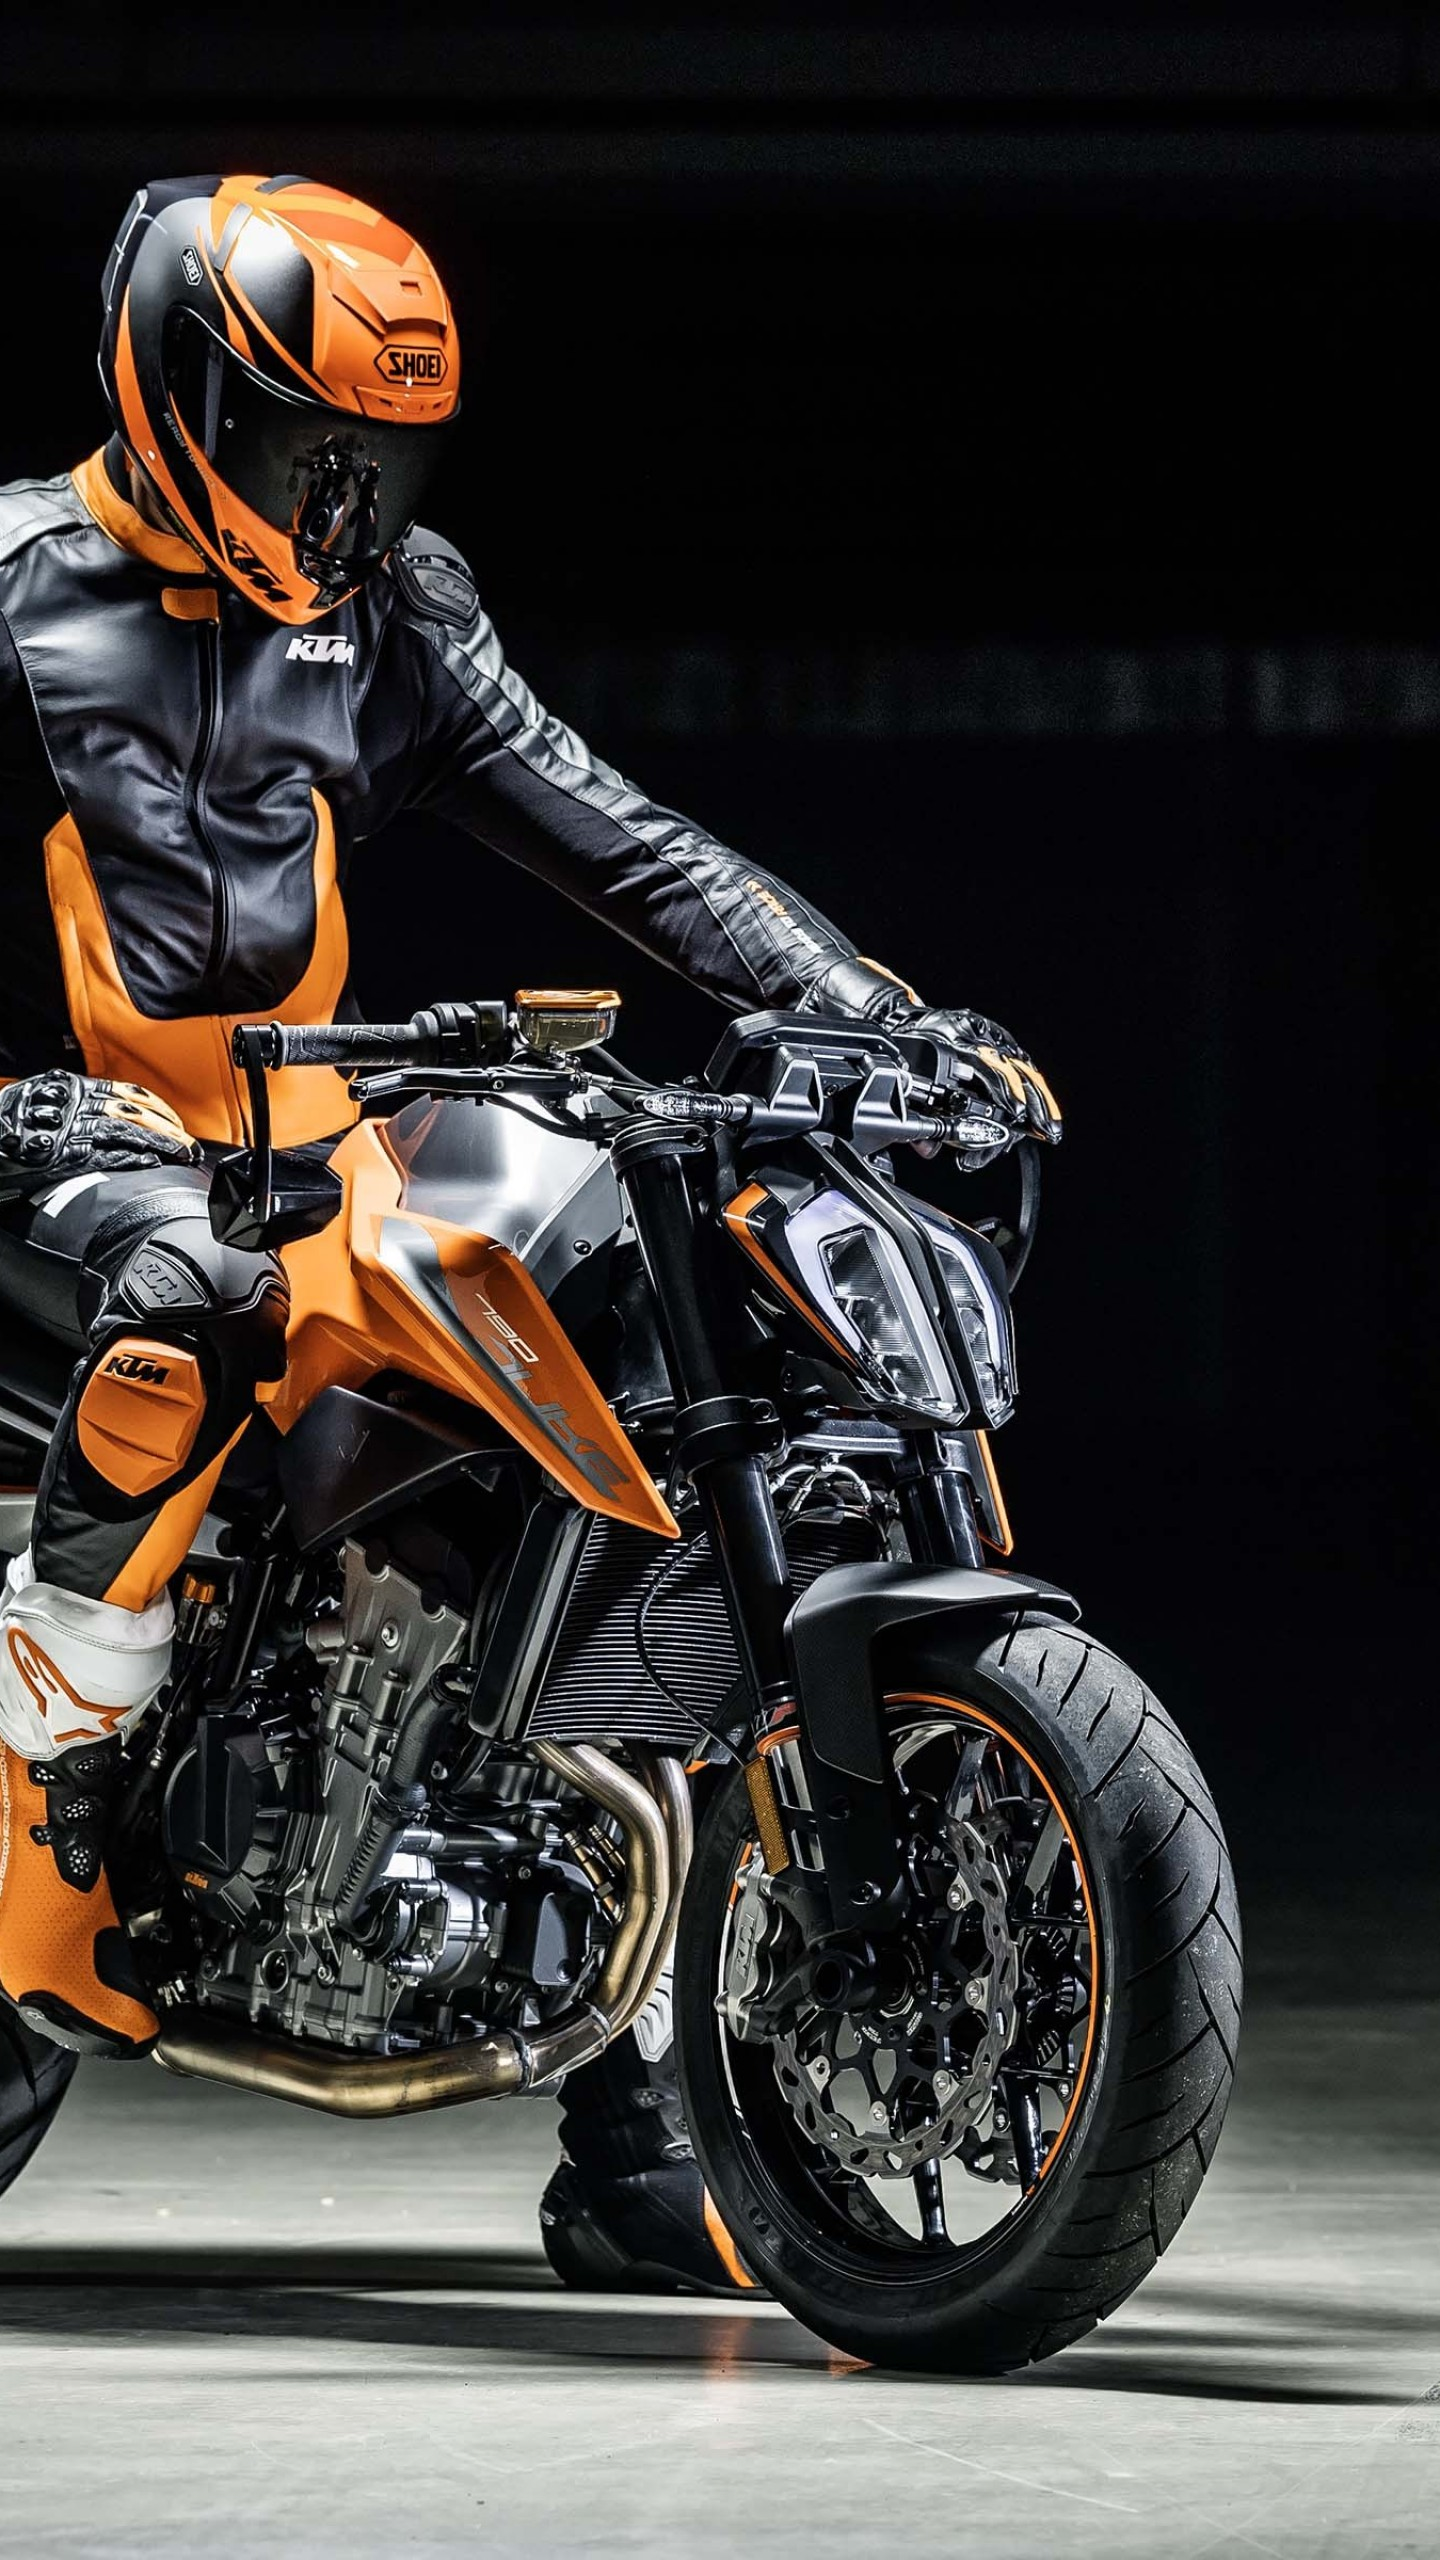 Wallpaper Ktm Duke 790 2018 Bikes 4k Cars Amp Bikes 16541